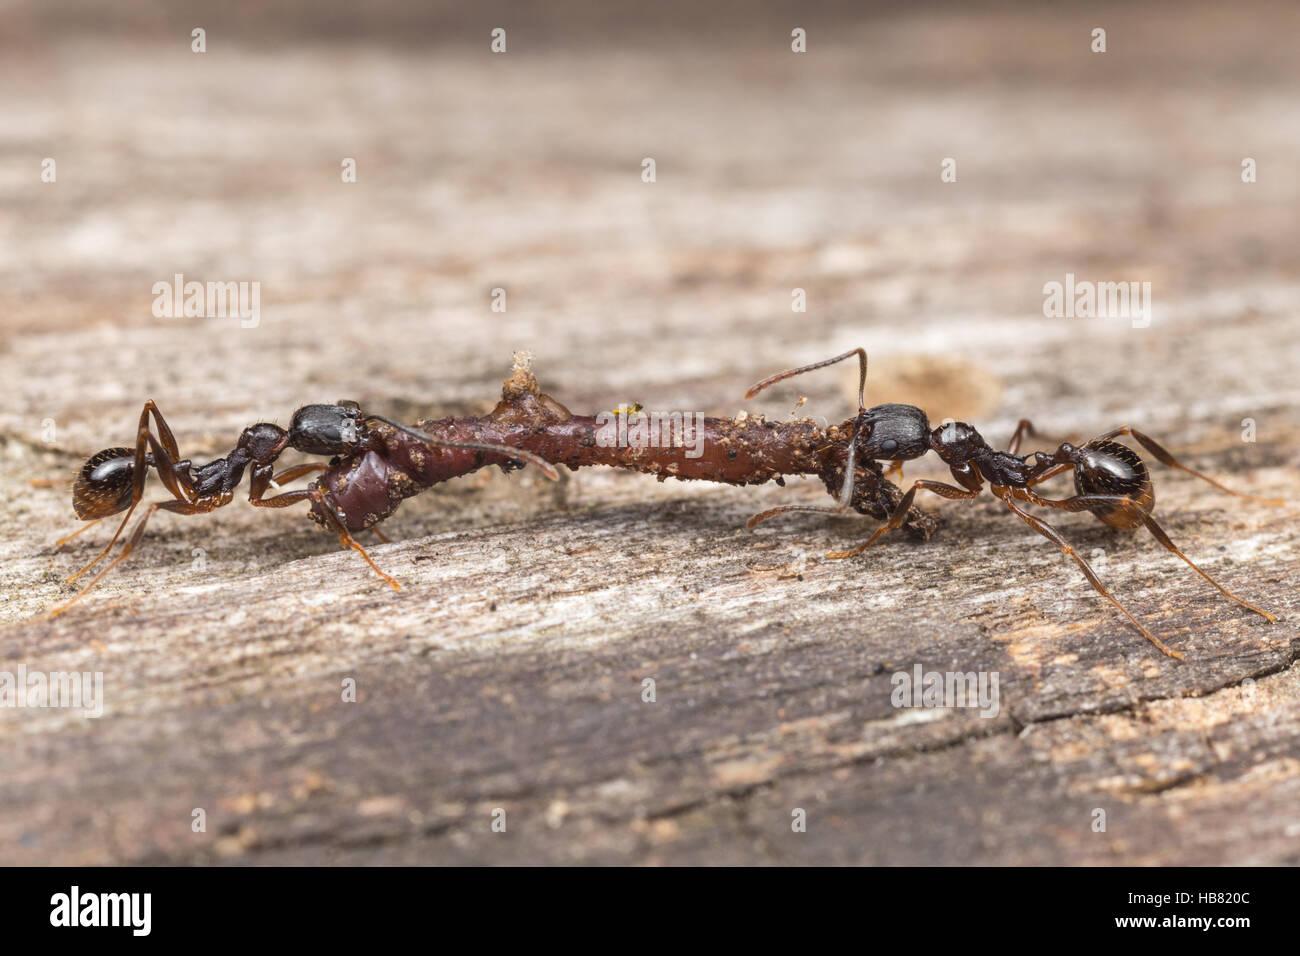 Due dorso-cintata Ant (Aphaenogaster picea) lavoratori portano spazzato il cibo, un lombrico, torna a loro nido. Immagini Stock